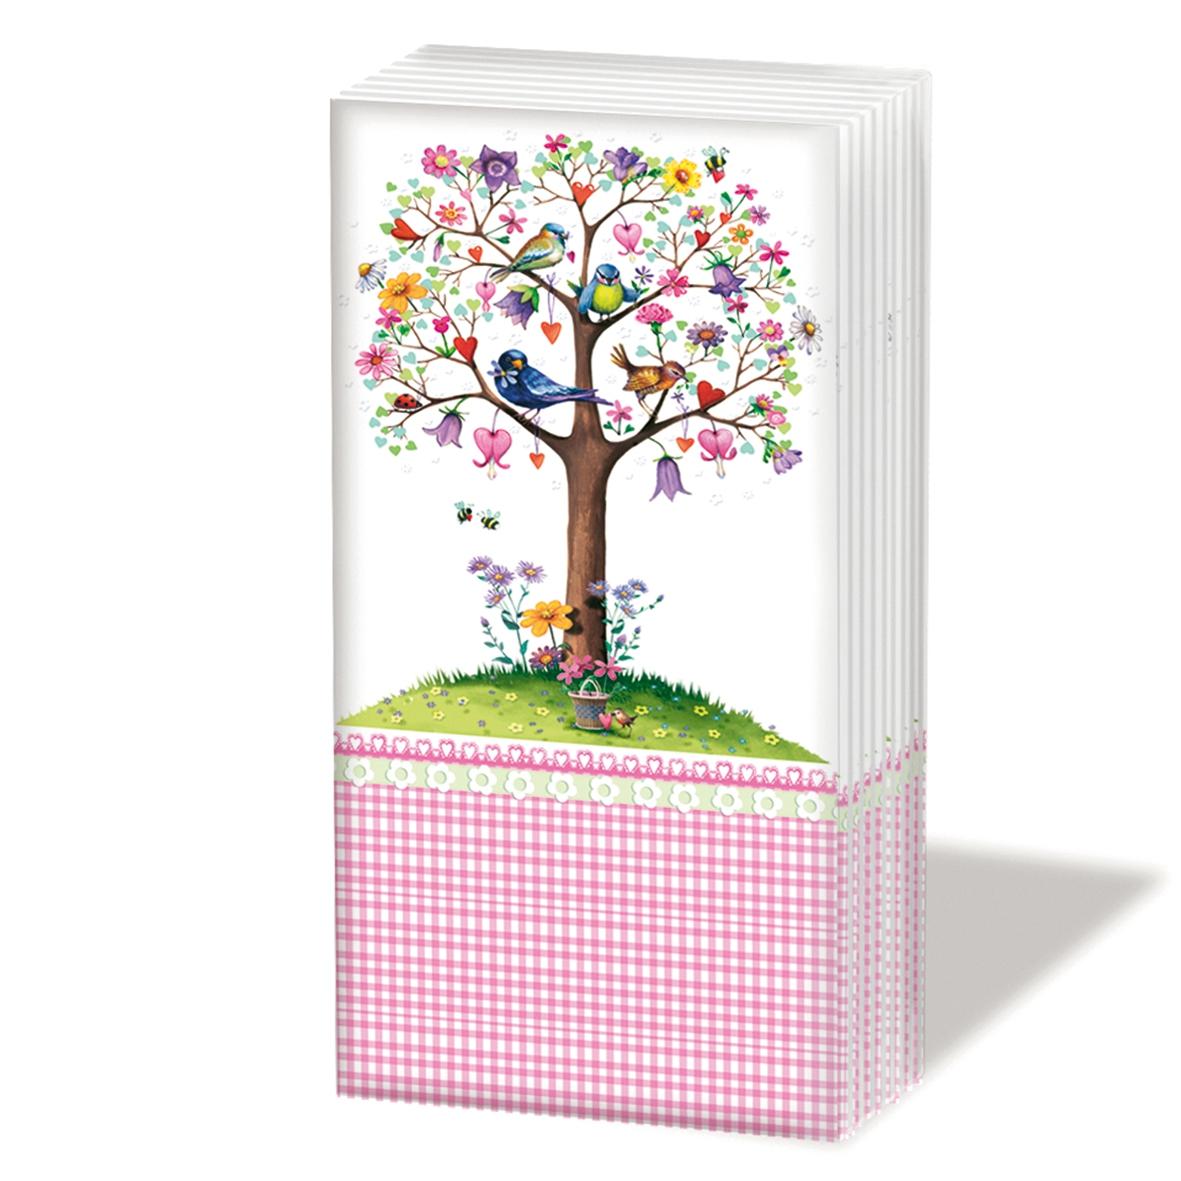 Taschentücher Love Tree white,  Tiere,  Everyday,  bedruckte papiertaschentücher,  Baum,  Vögel